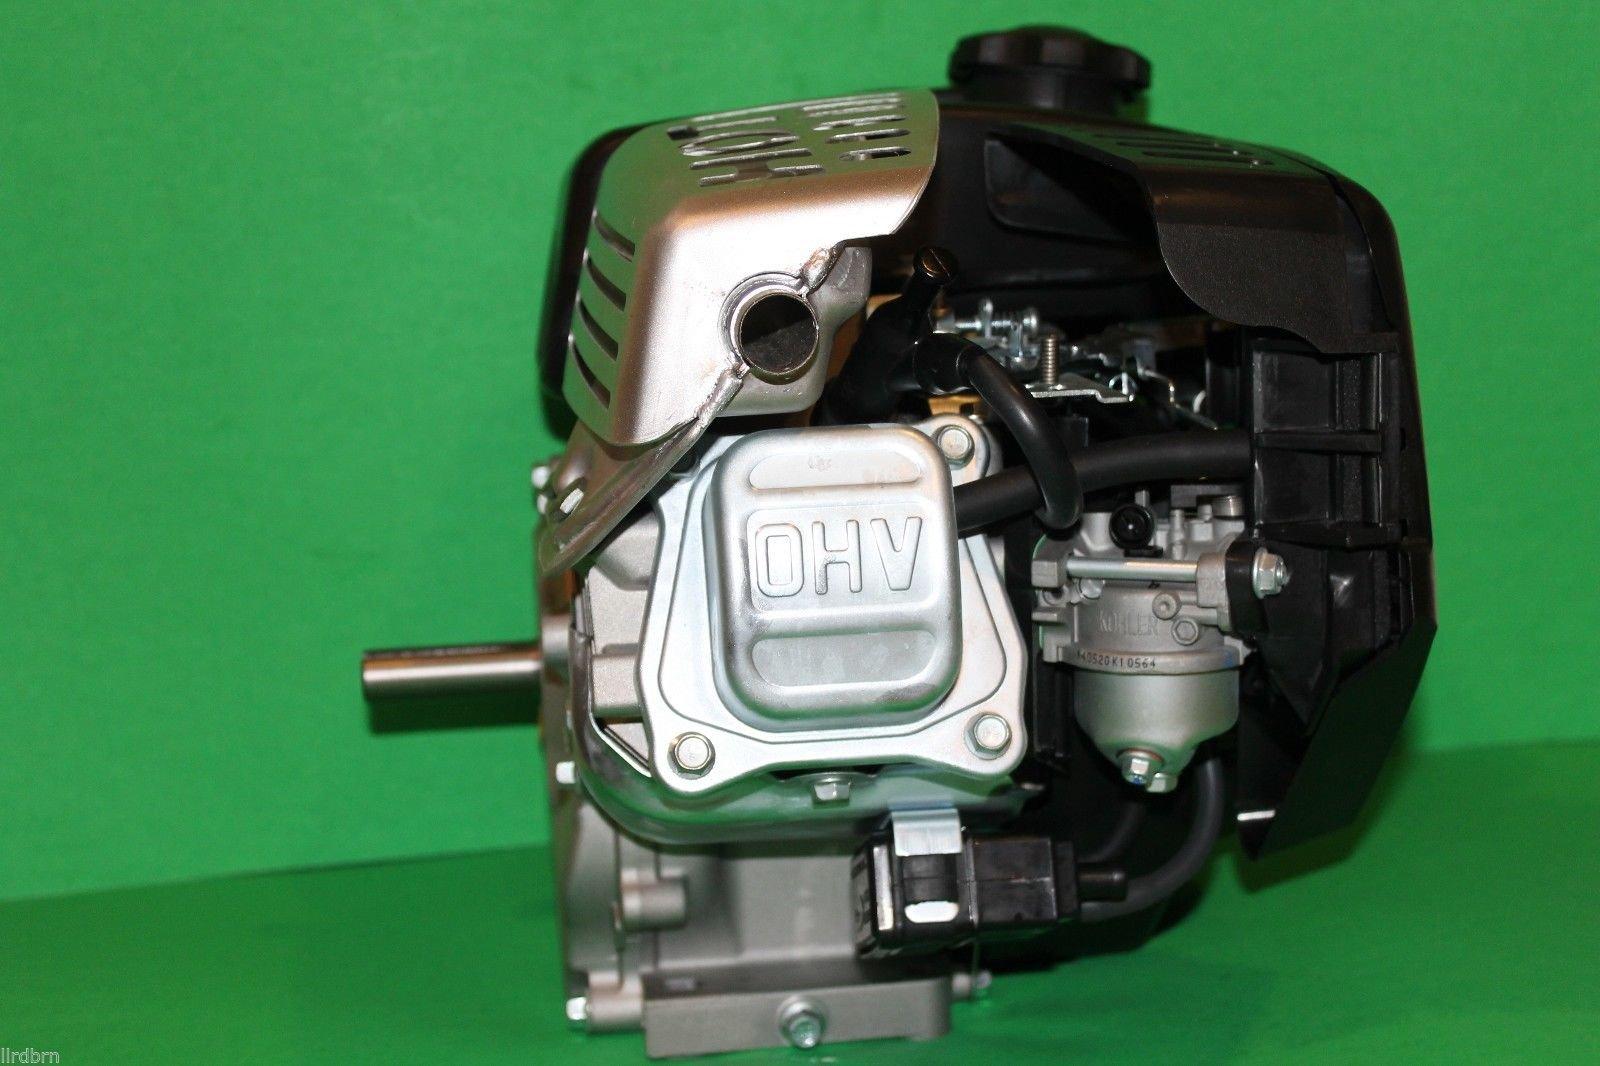 Kohler 2000 Series OHV Horizontal Engine - 196cc, 3/4in. x 2.42in. Shaft, Model Number PA-RH265-3103 by Kohler